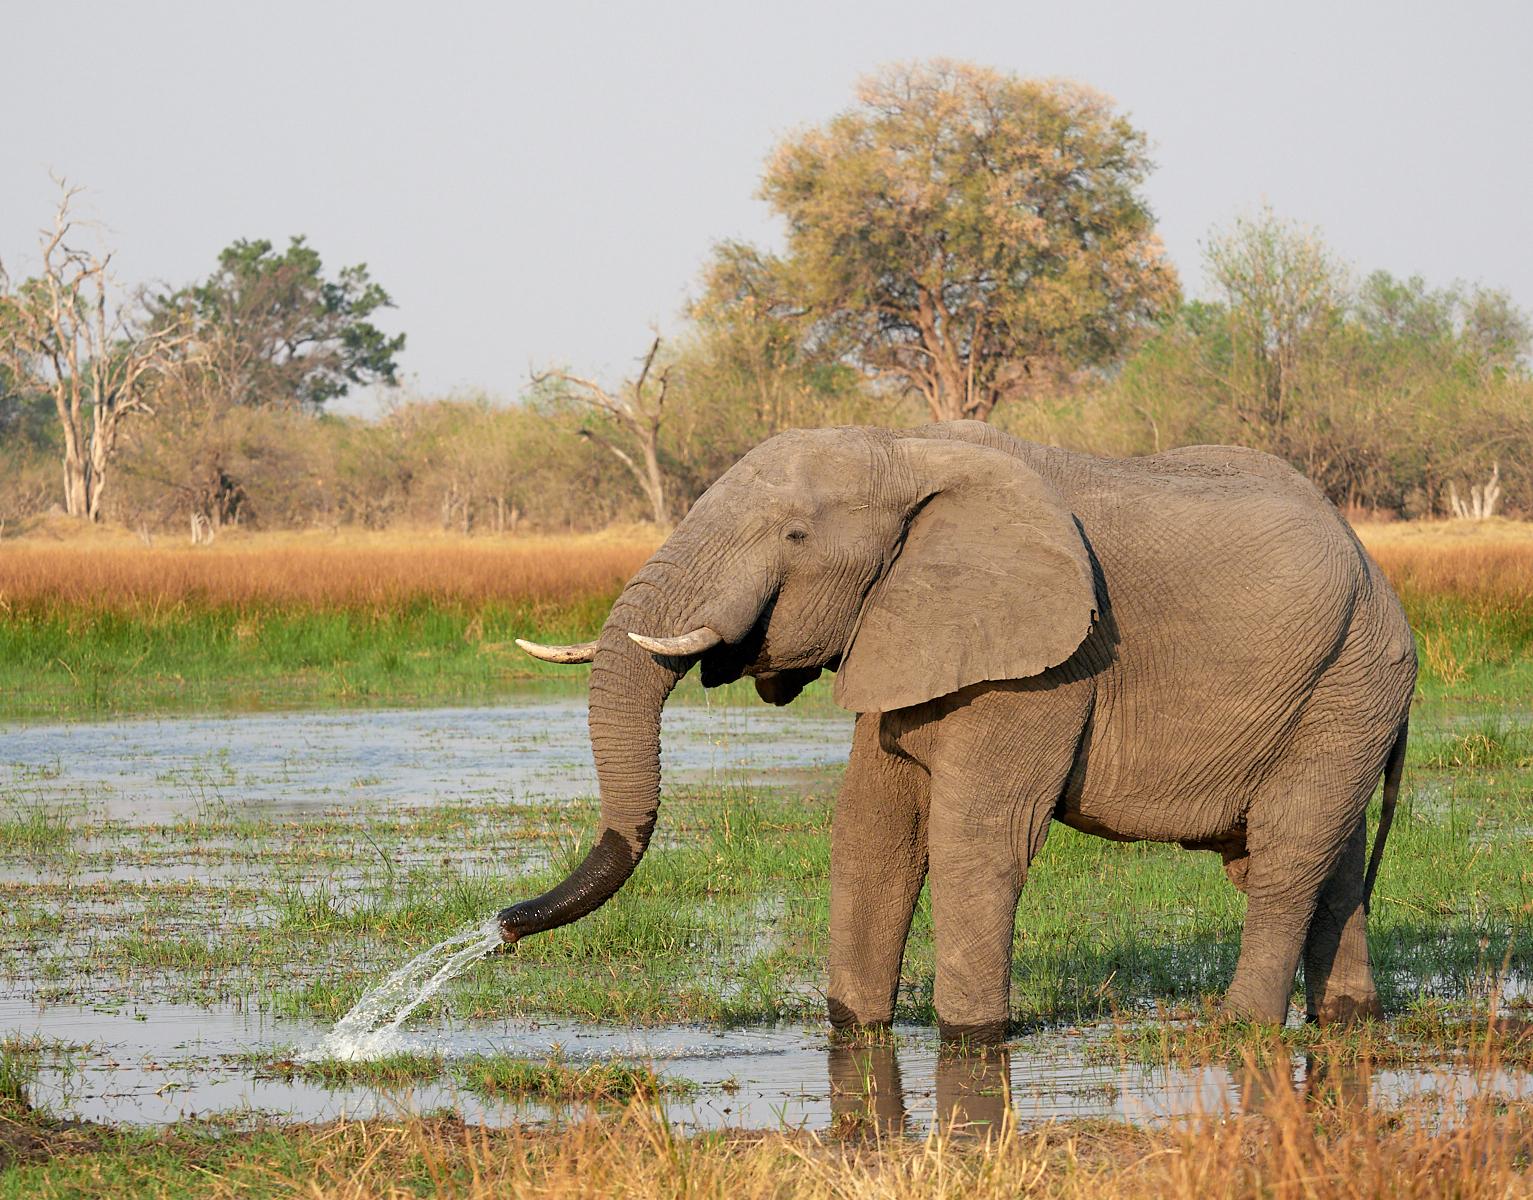 Elephant bathing 1600x1200 sRGB.jpg